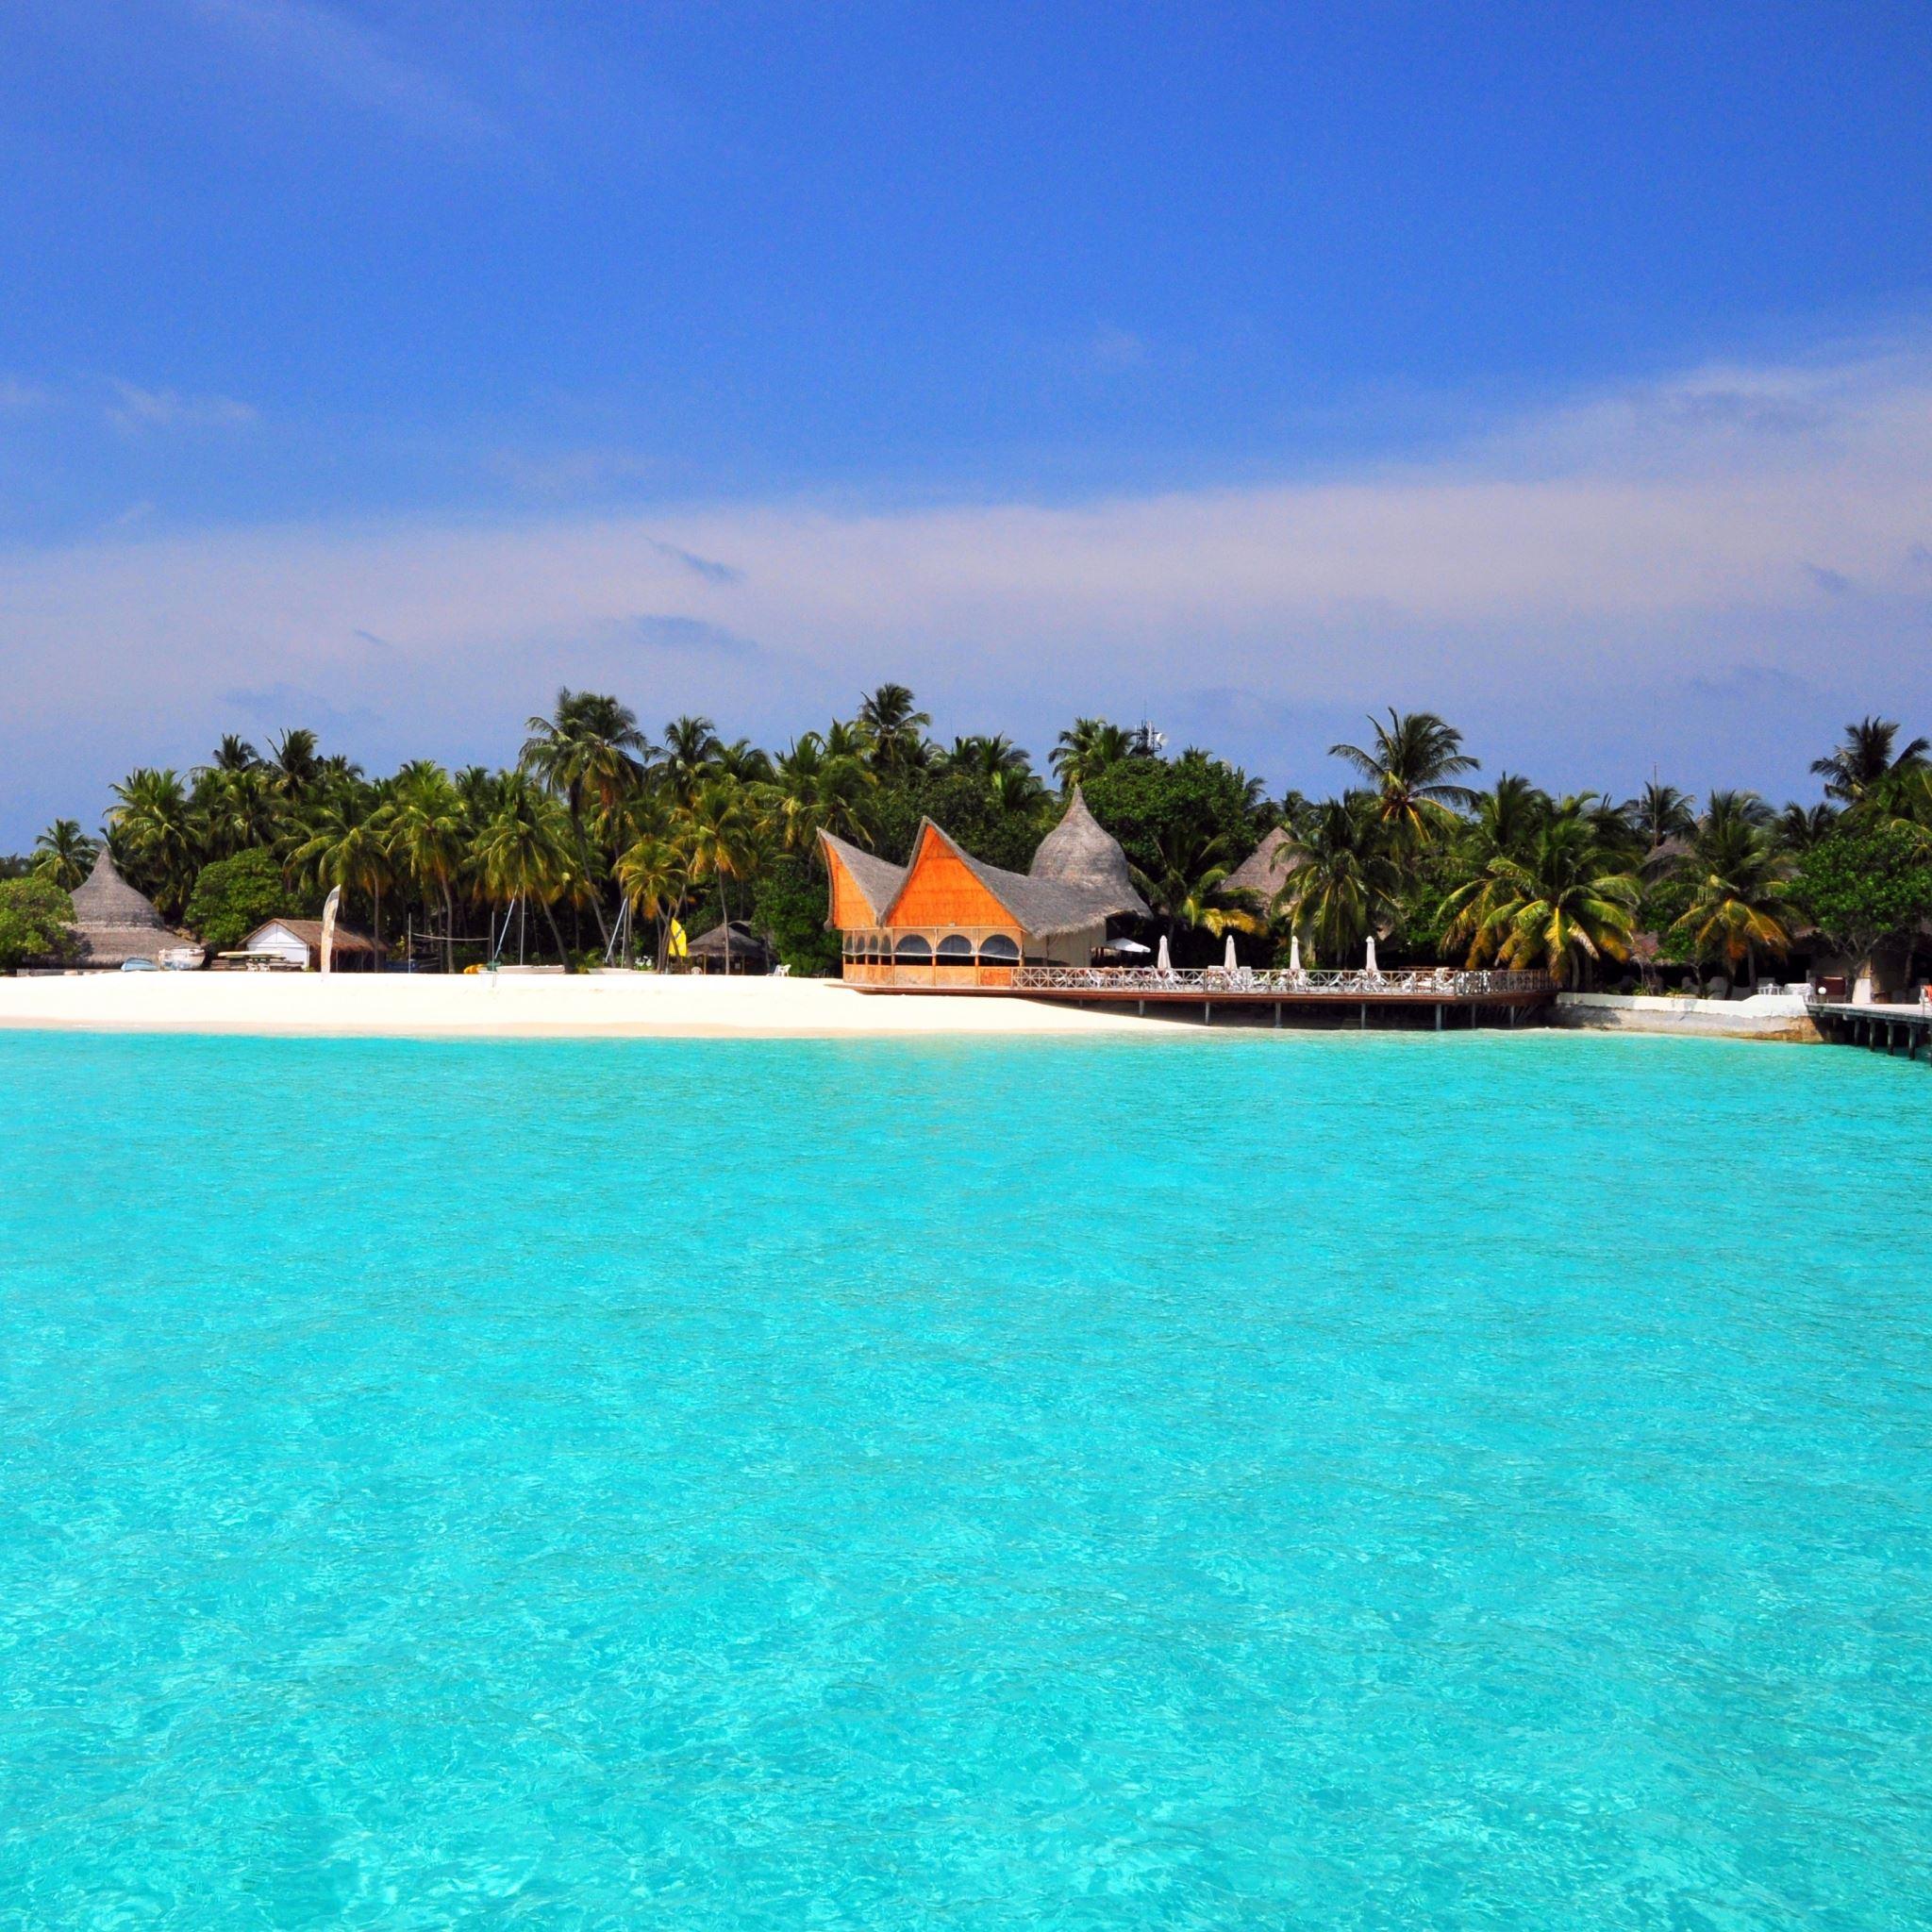 Island Beach Wallpaper: Maldives Tropical Beach Island IPad Air Wallpapers Free